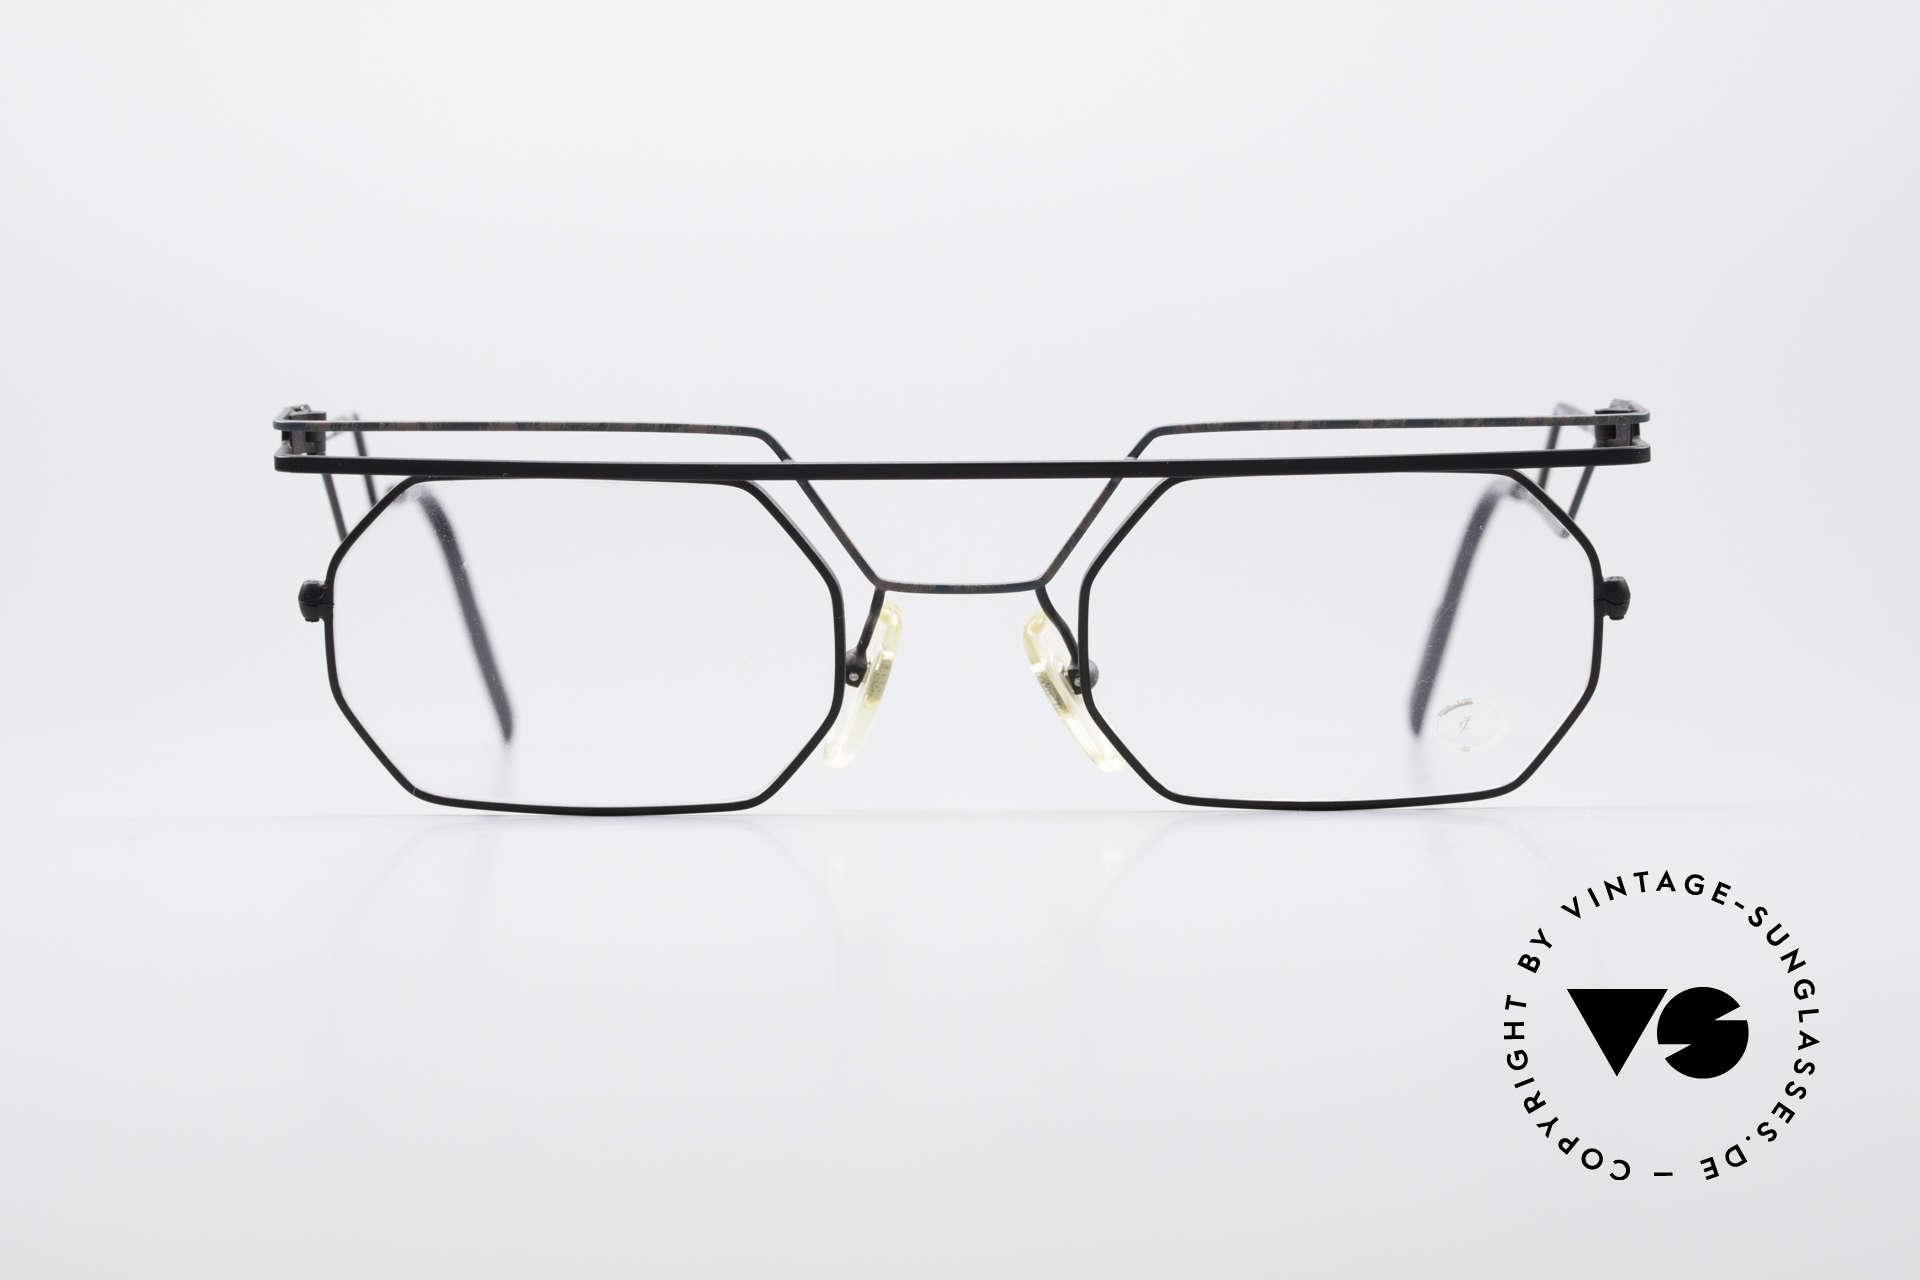 Serge Kirchhofer 1060 Futuristische 60er Brille, Serge Kirchhofer alias Udo Proksch designte für OPTYL, Passend für Herren und Damen